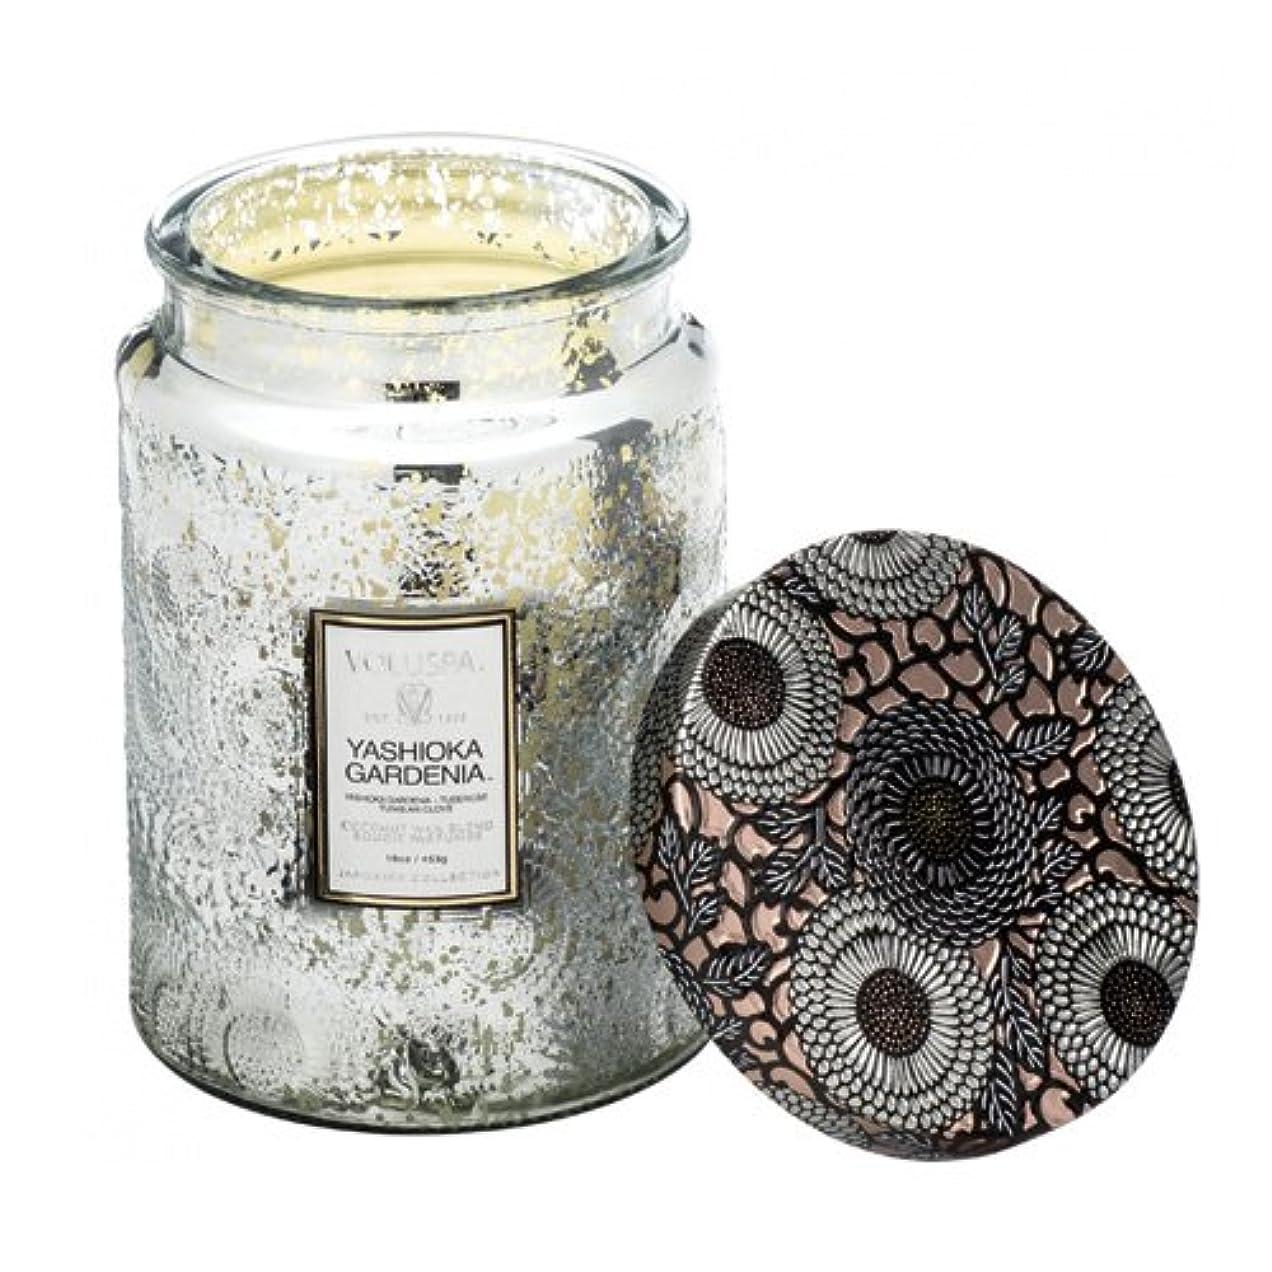 Voluspa ボルスパ ジャポニカ リミテッド グラスジャーキャンドル  L ヤシオカガーデニア YASHIOKA GARDENIA JAPONICA Limited LARGE EMBOSSED Glass jar...